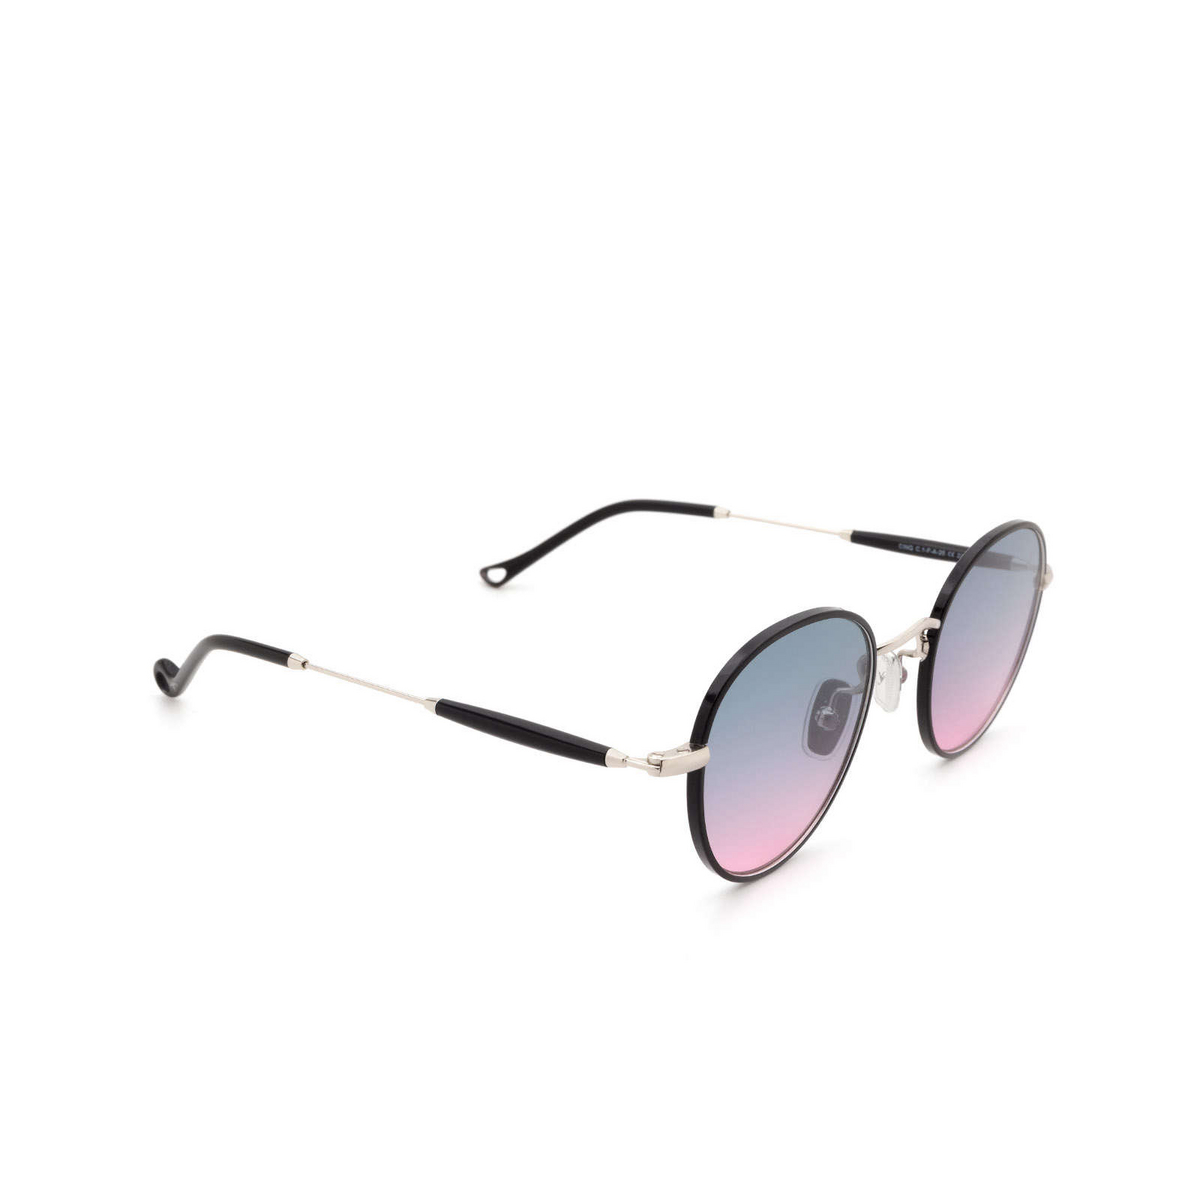 Eyepetizer® Round Sunglasses: Cinq color Black C.1-F-A-20 - three-quarters view.